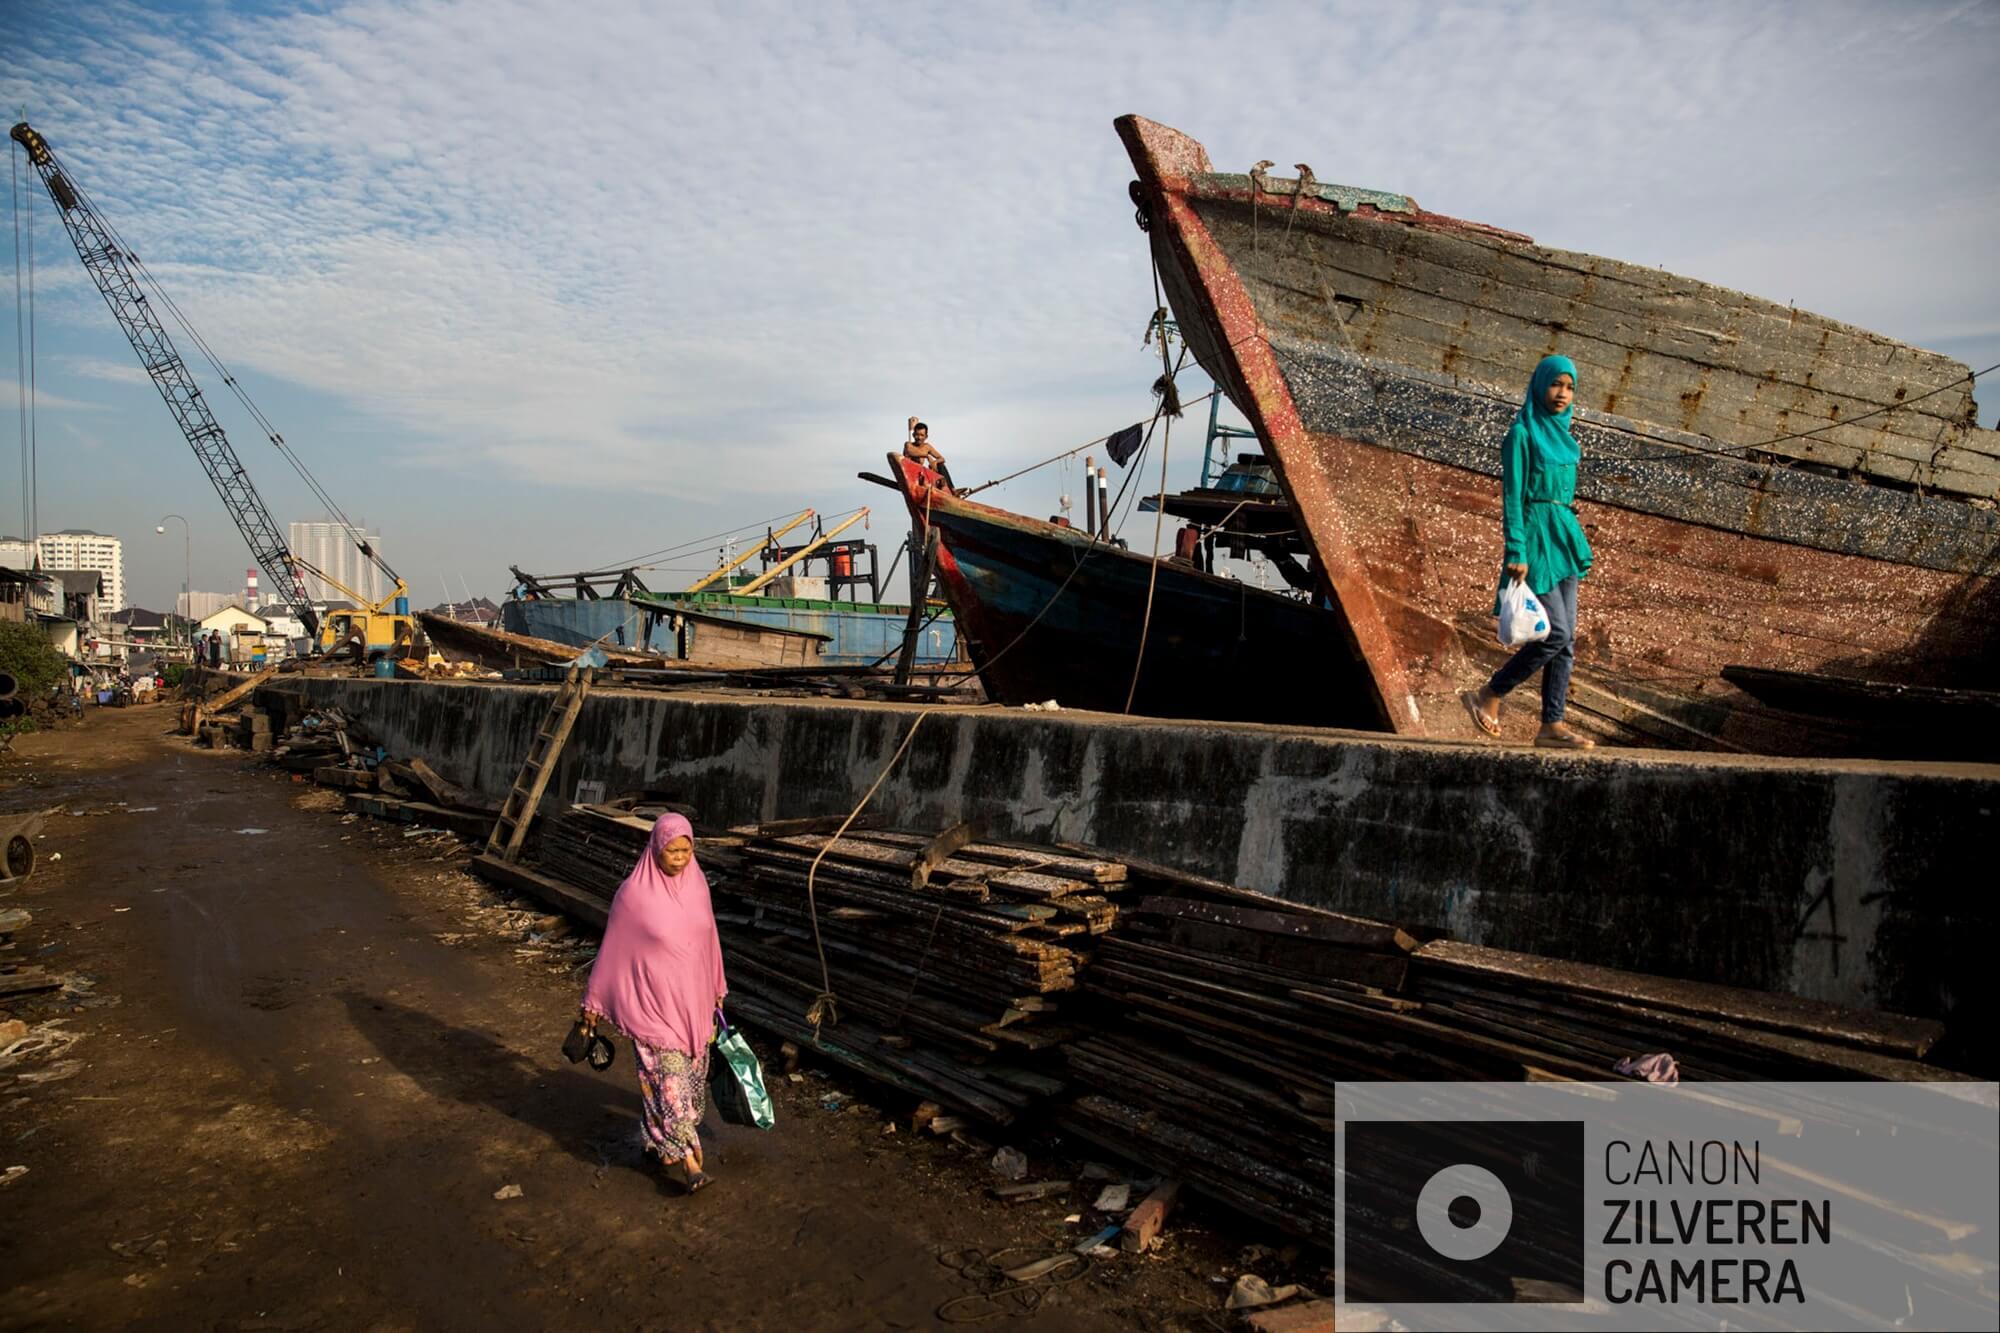 Jakarta zinkt snel, tussen 10-25 centimeter per jaar. Wanneer niets wordt gedaan zal de stad over 20-3- jaar voor een derde permanent onder water staan. Veel water gerelateerde problemen worden toegeschreven aan klimaatverandering en de verwachte zeespiegelstijging die daarmee samenhangt. Bodemdaling is onbekend en zal de absolute zeespiegelstijging tot een factor 10 overschrijden. Jakarta vertrouwd op een oude zeewering om de stad te beschermen tegen zee. Echter door bodemdaling zinkt deze muur snel weg in de grond en biedt weinig bescherming tegen het water. Zware regenval en een hoge rivierwater stand zorgen nu al voor problemen: de stad is veranderd in een omgekeerd aquarium. De zee is niet meer het laagste punt, het water kan nergens meer heen.Muara Baru, de wijk direct grenzend aan de zeewering is de laatste 4 jaar met 1 meter gezakt. De bewoners zijn zich niet of nauwelijks bewust van de dreigende situatie. In de baai van Jakarta wordt een nieuwe zeewering aangelegd om de oude te beschermen. Serie gemaakt tussen 2015 en 2018